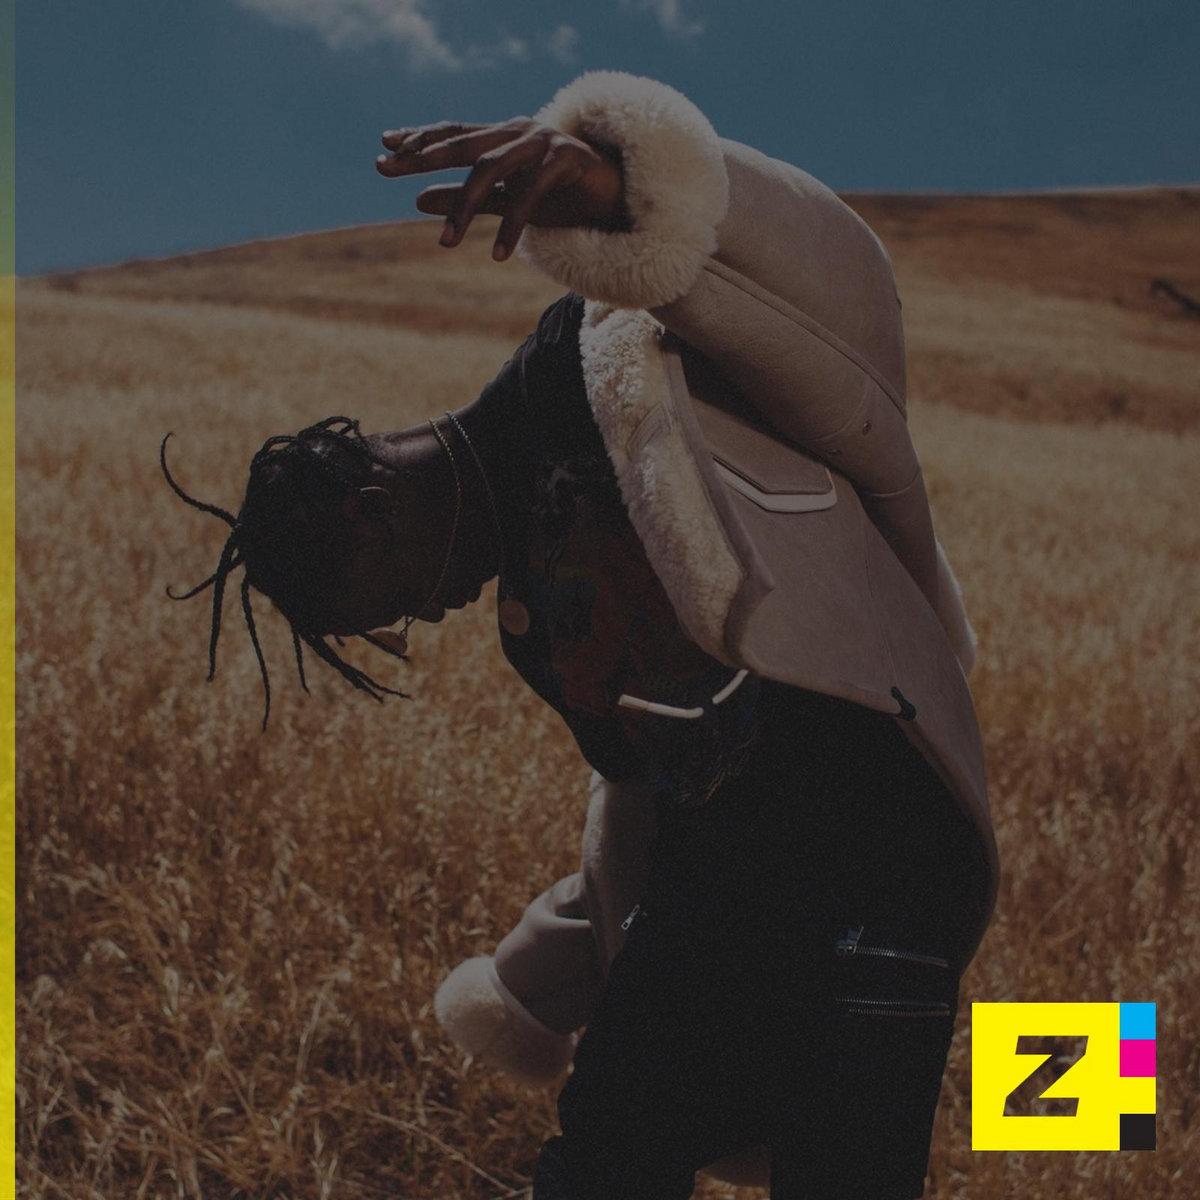 FREE] Travis Scott x WondaGurl x Eestbound Type Beat 'Medusa